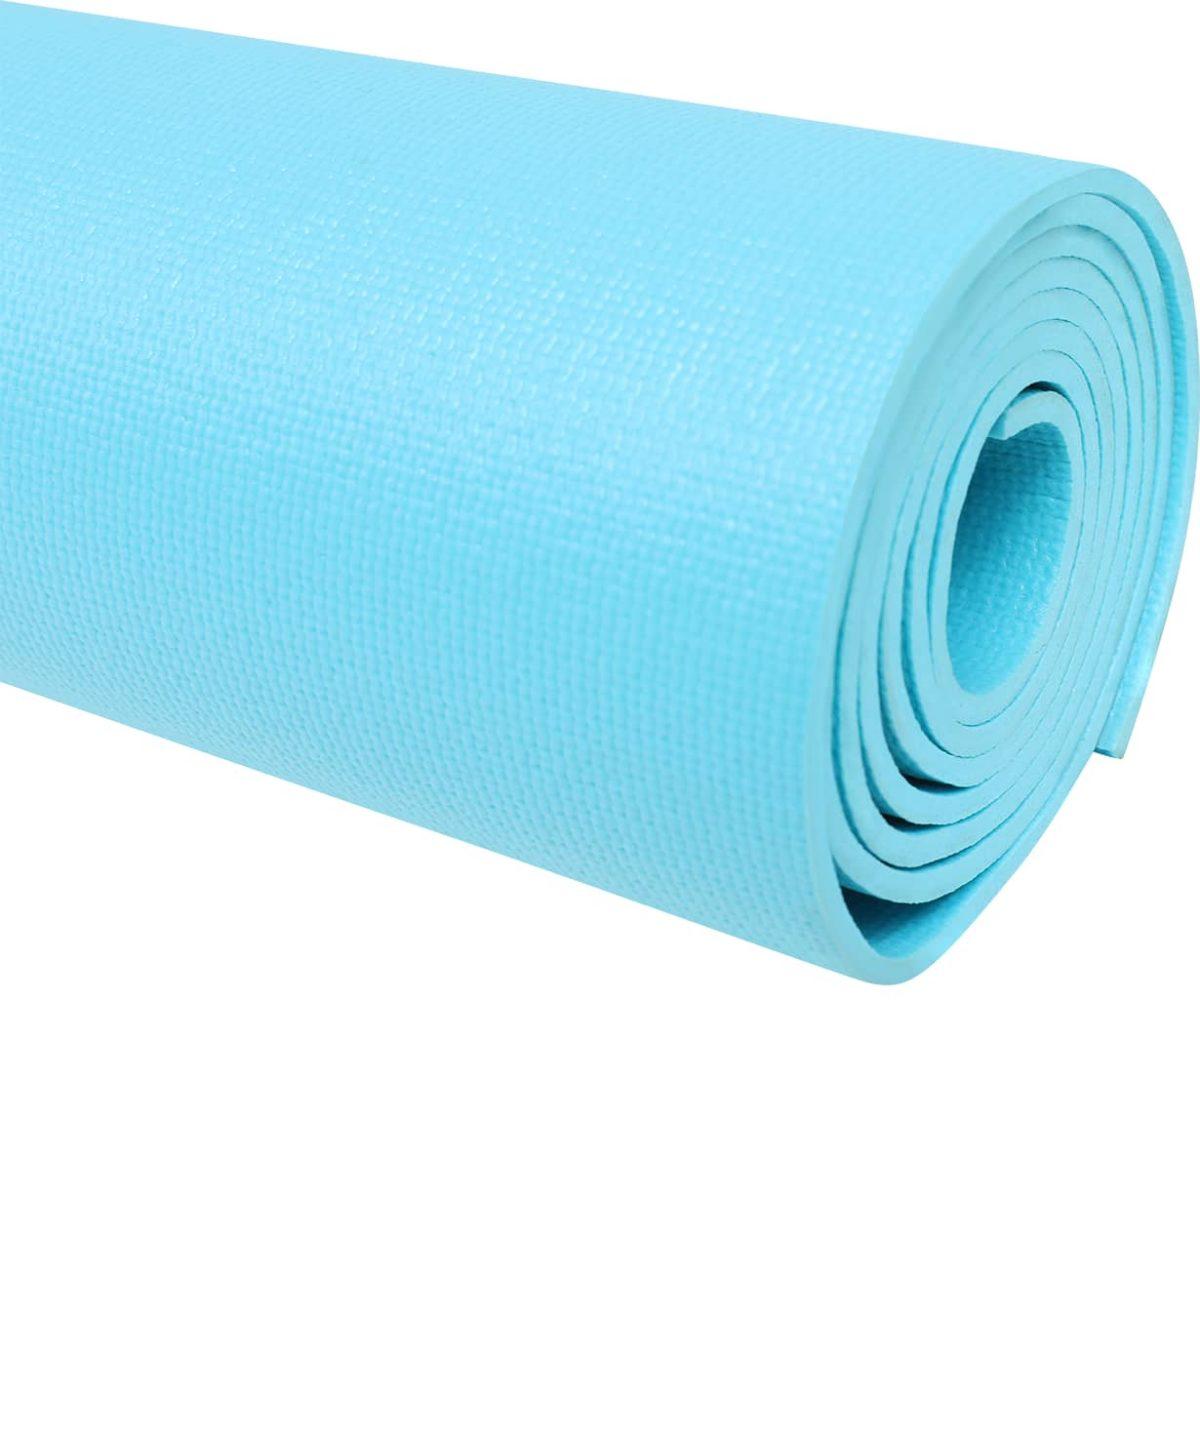 STARFIT Коврик для йоги FM-103 173х61х0,4 см: голубой - 2